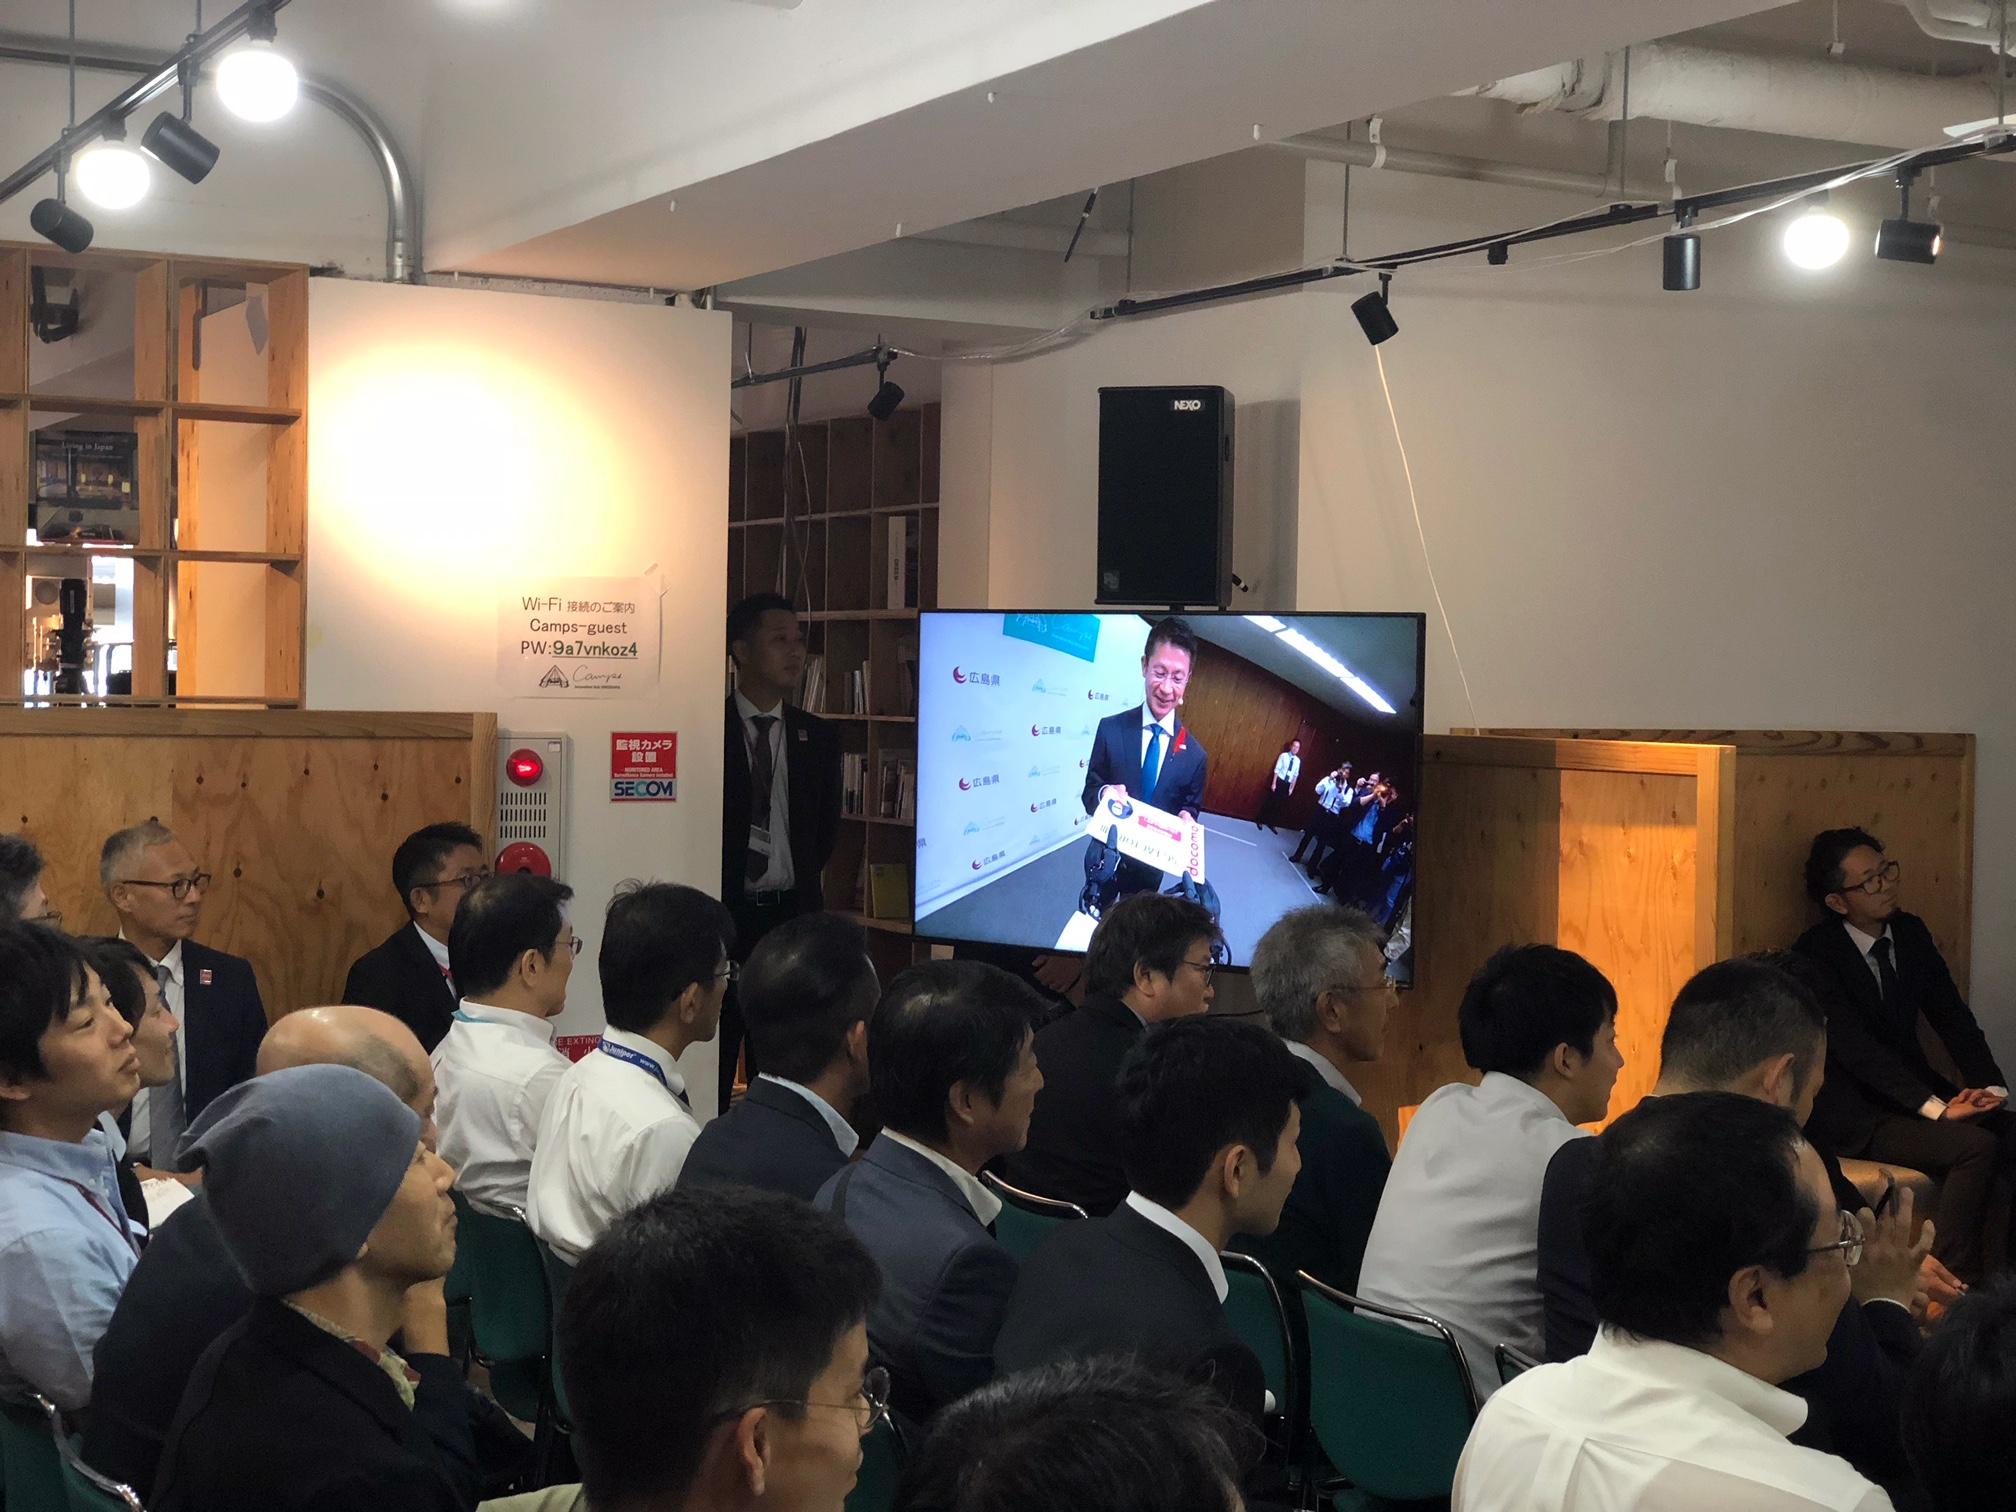 ひろしまが砂場に?広島県が仕掛ける「失敗したっていい」壮大なAI/IoTの社会実験とは!?